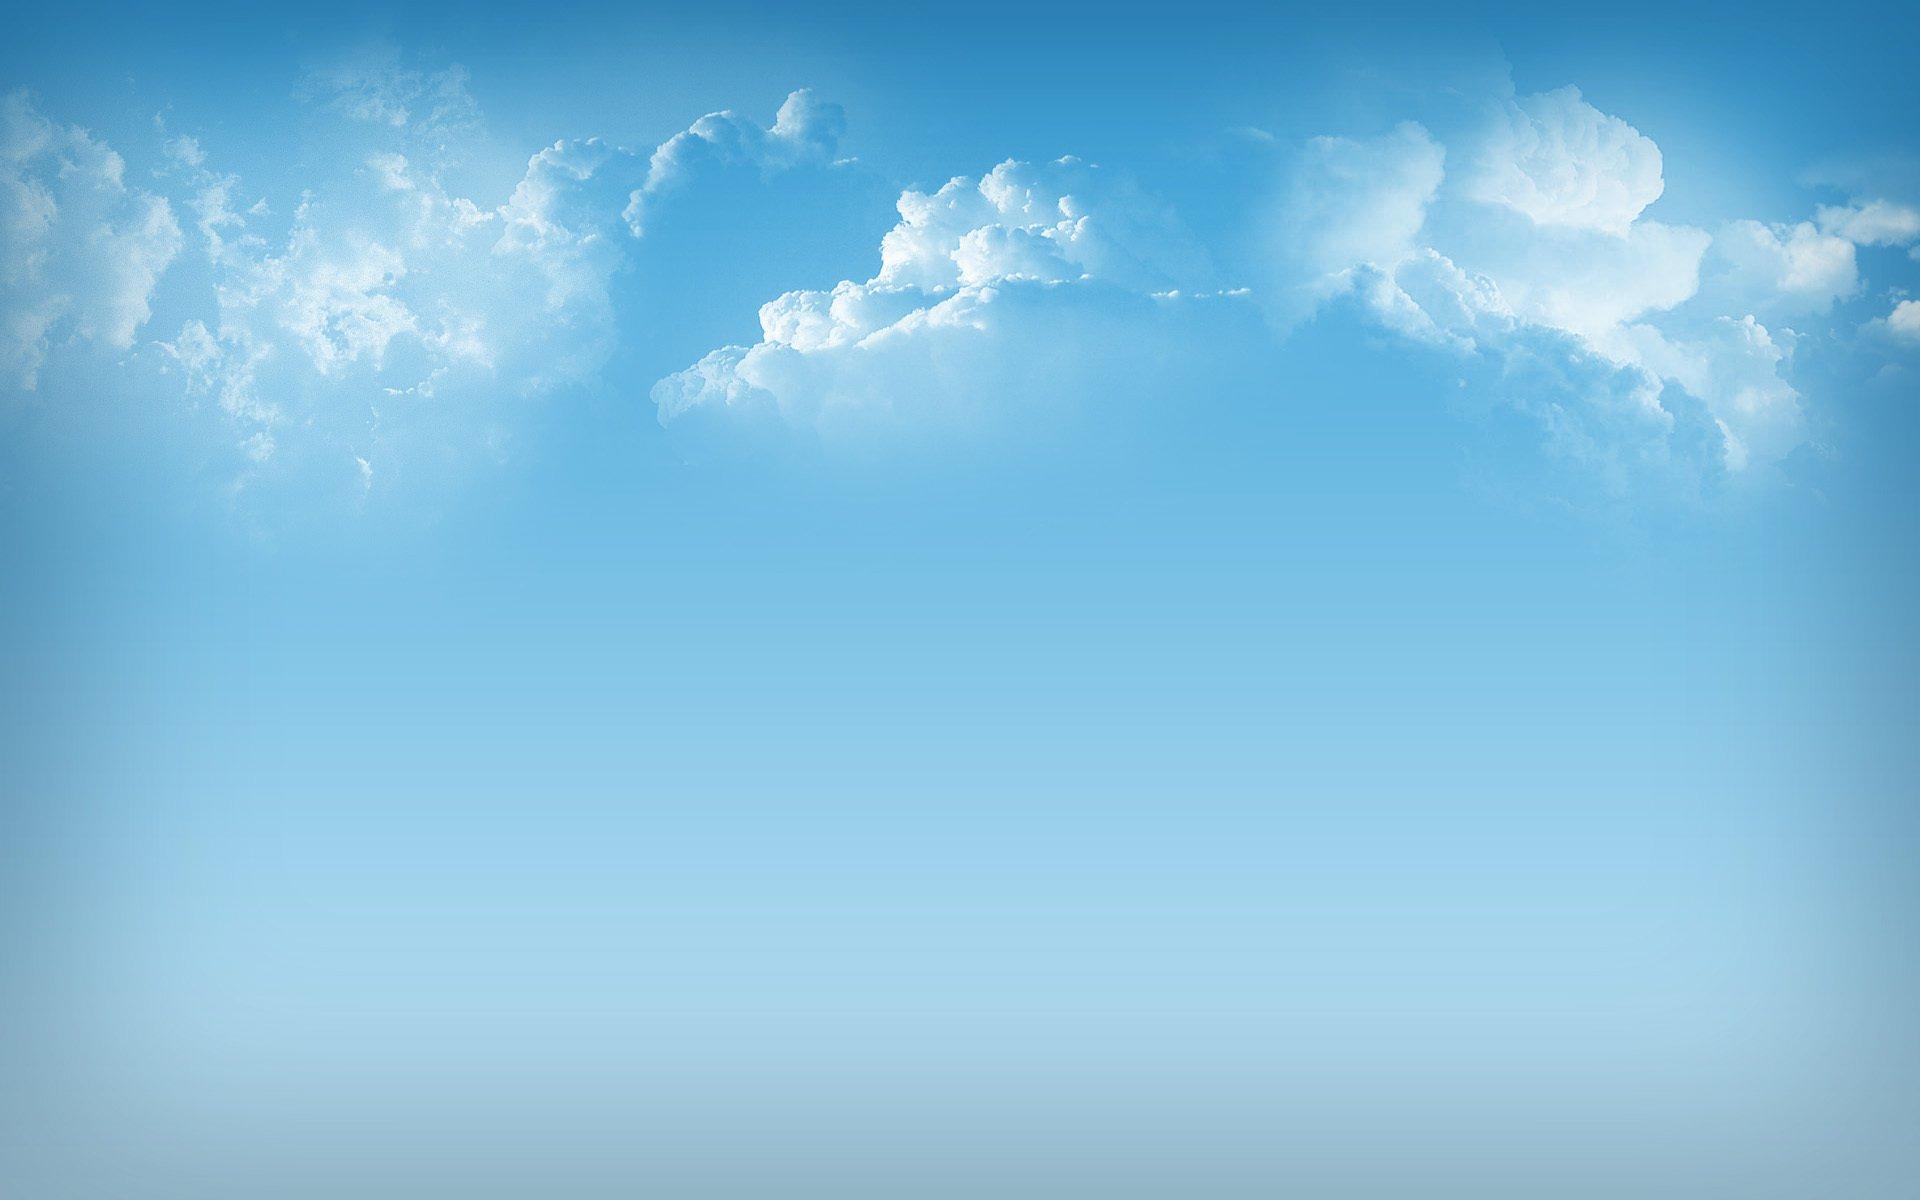 Свадьба анимации, открытки с красивыми облаками